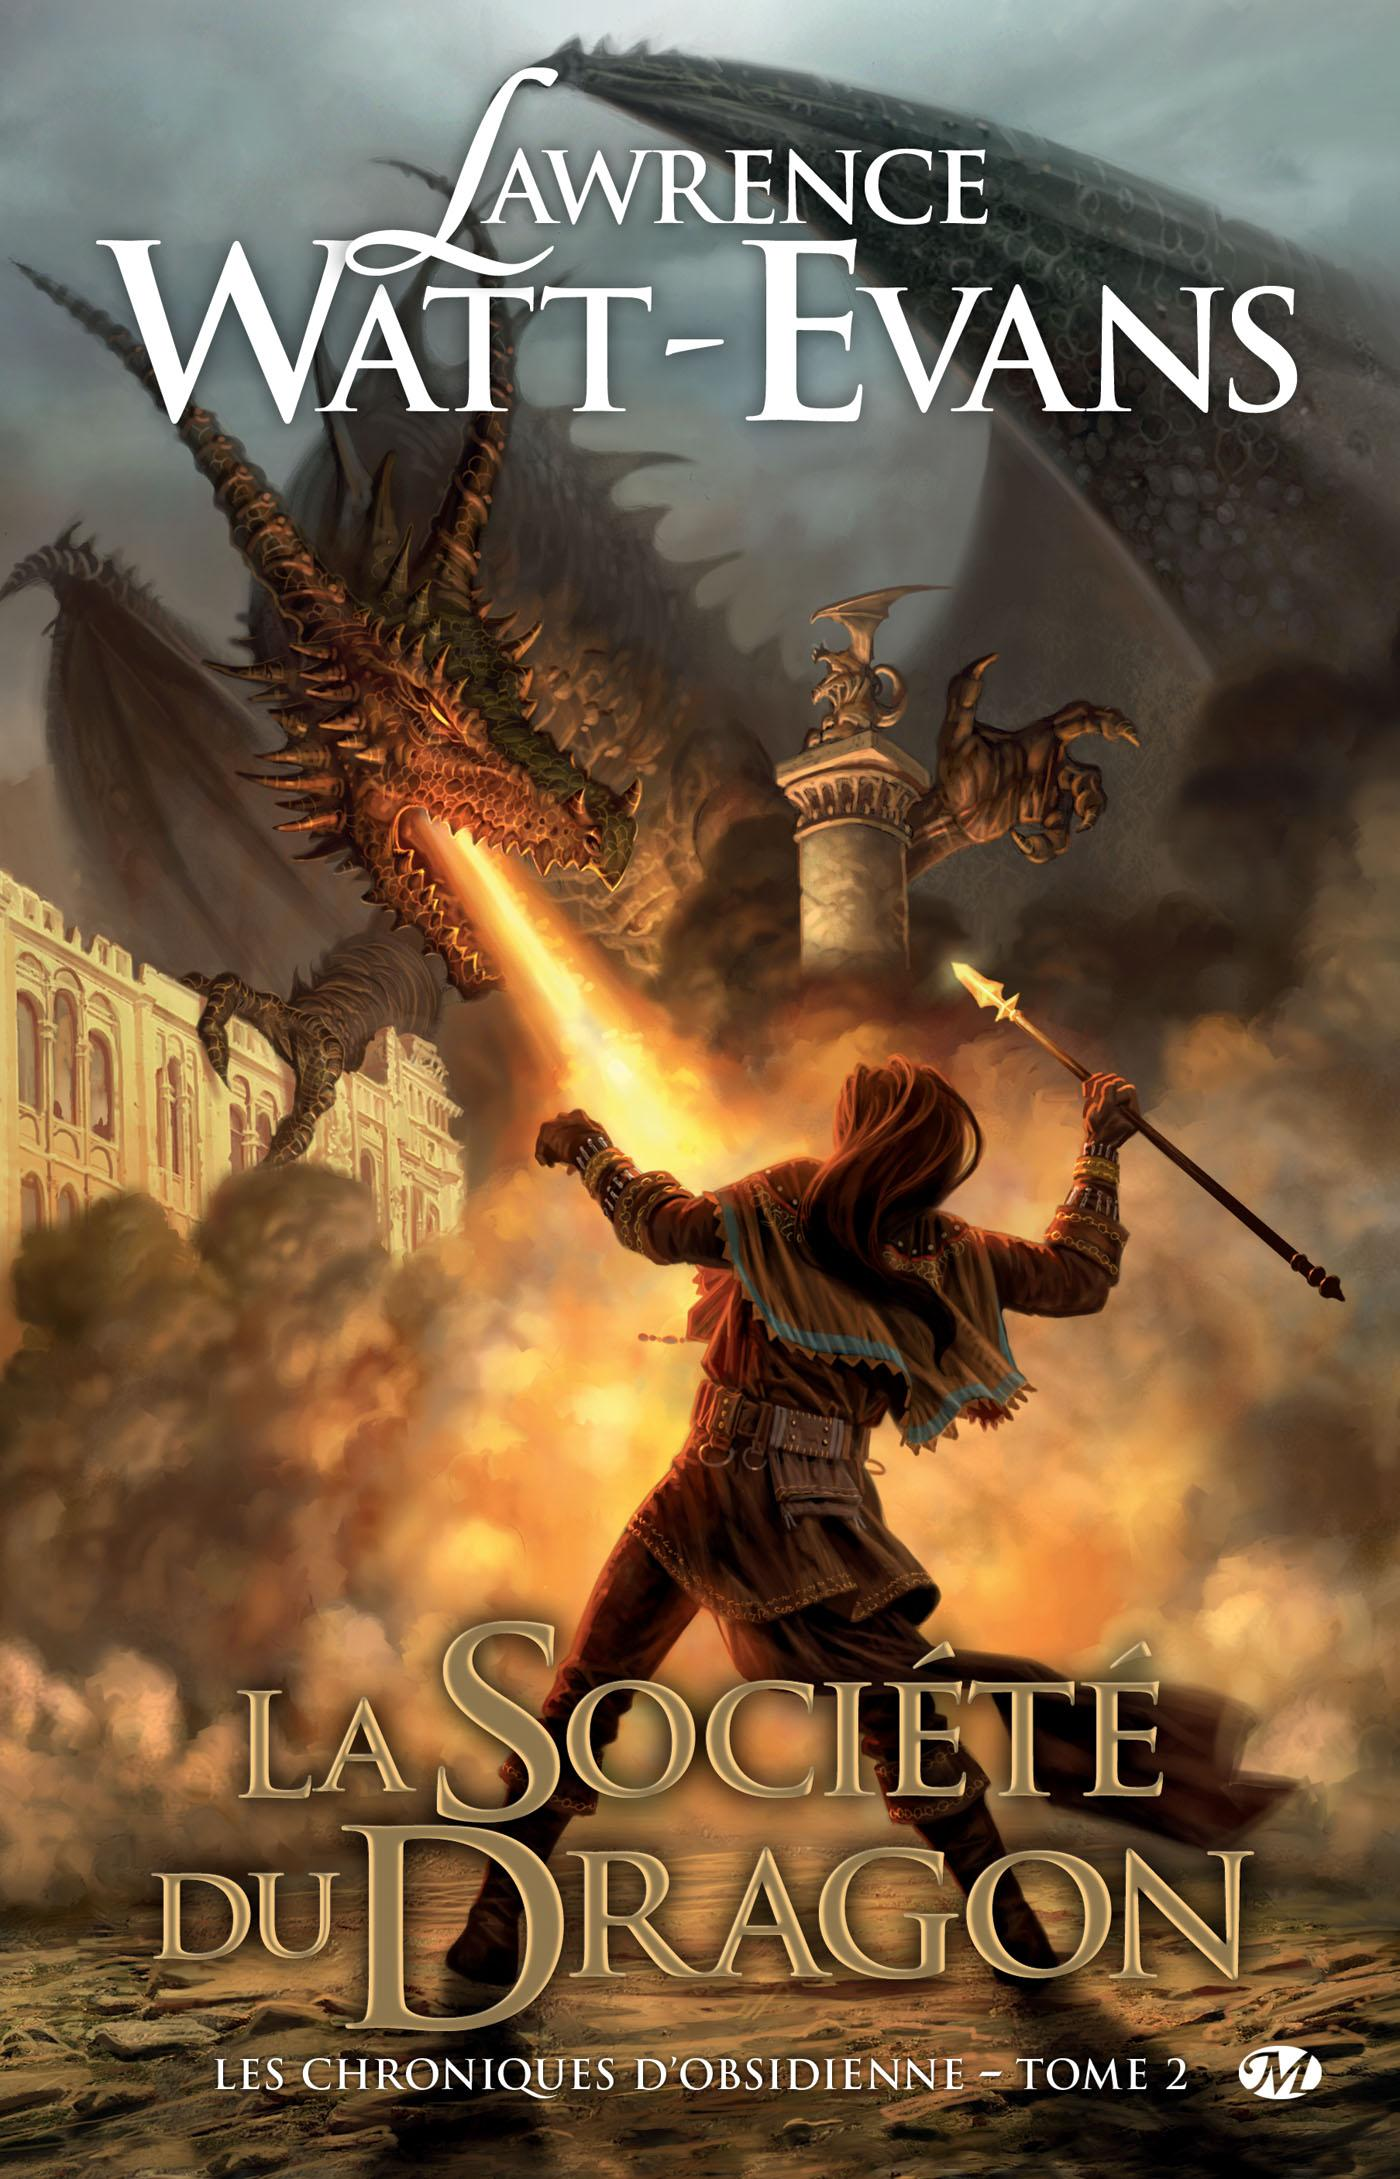 La Société du Dragon, LES CHRONIQUES D'OBSIDIENNE, T2